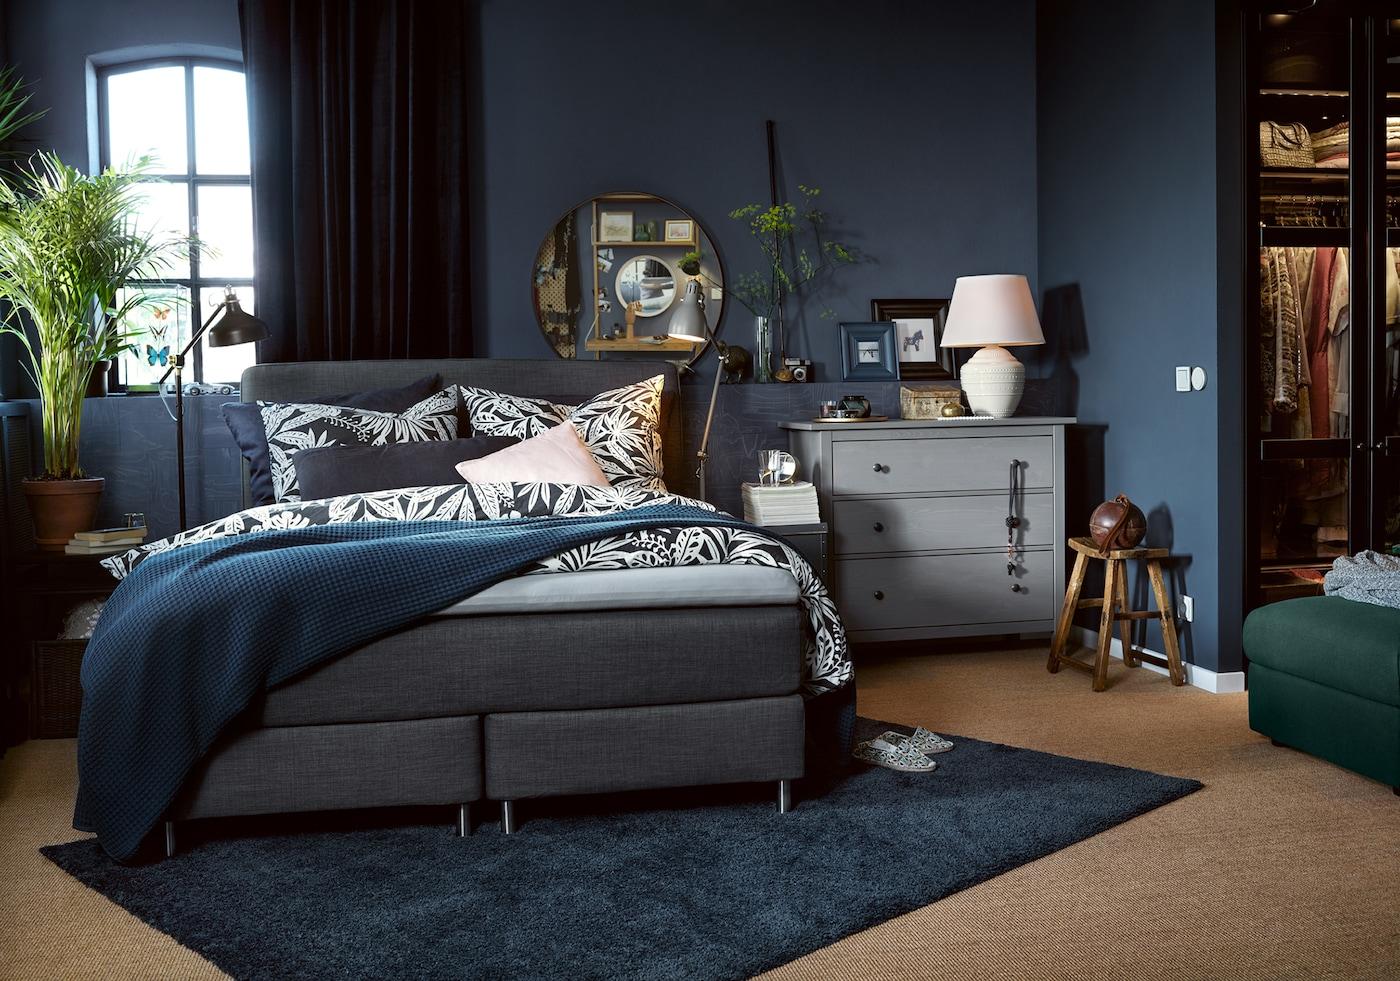 Schlafzimmer Für Besondere Momente Gestalten